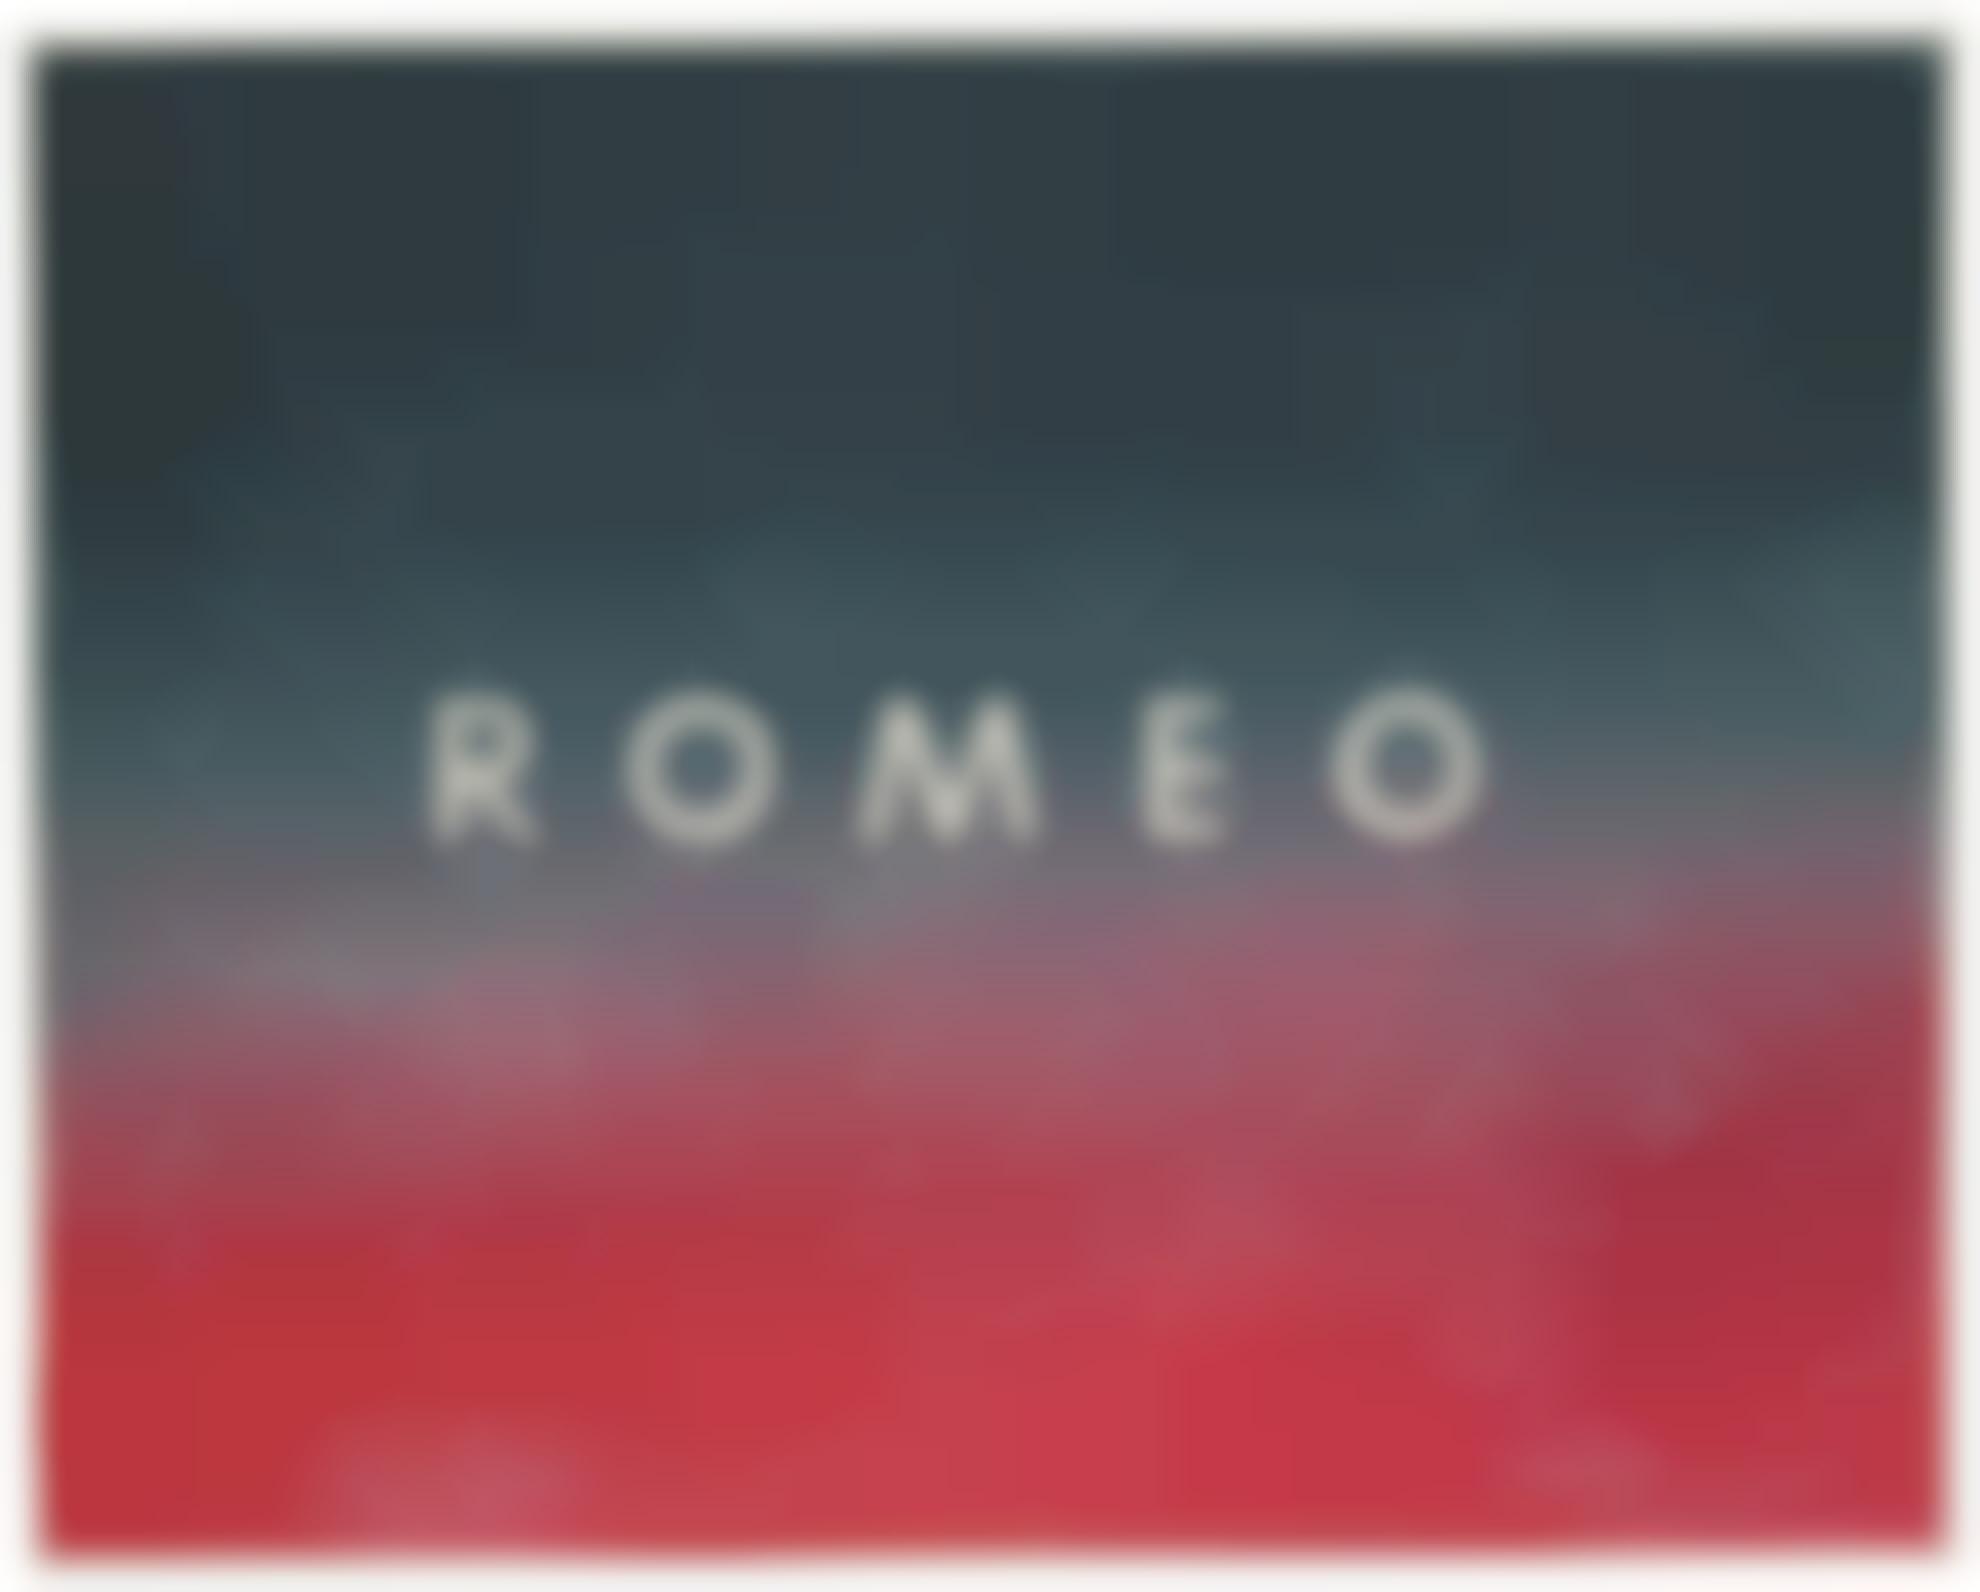 Ed Ruscha-Romeo-1981